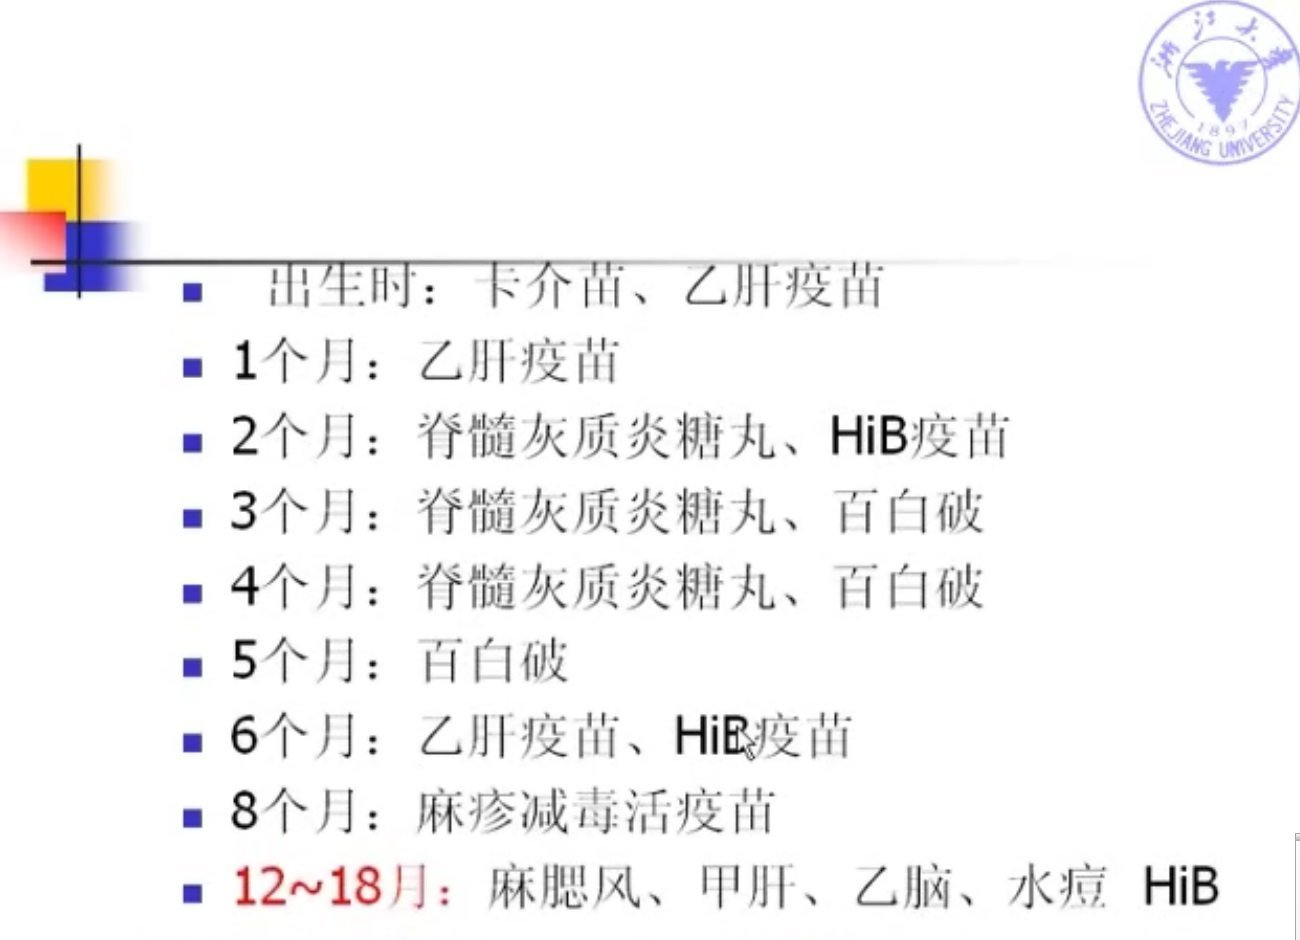 【9420-5070】兒科護理學 教學影片(MP4檔案格式) - ( 25 講課 ) 330 元 !